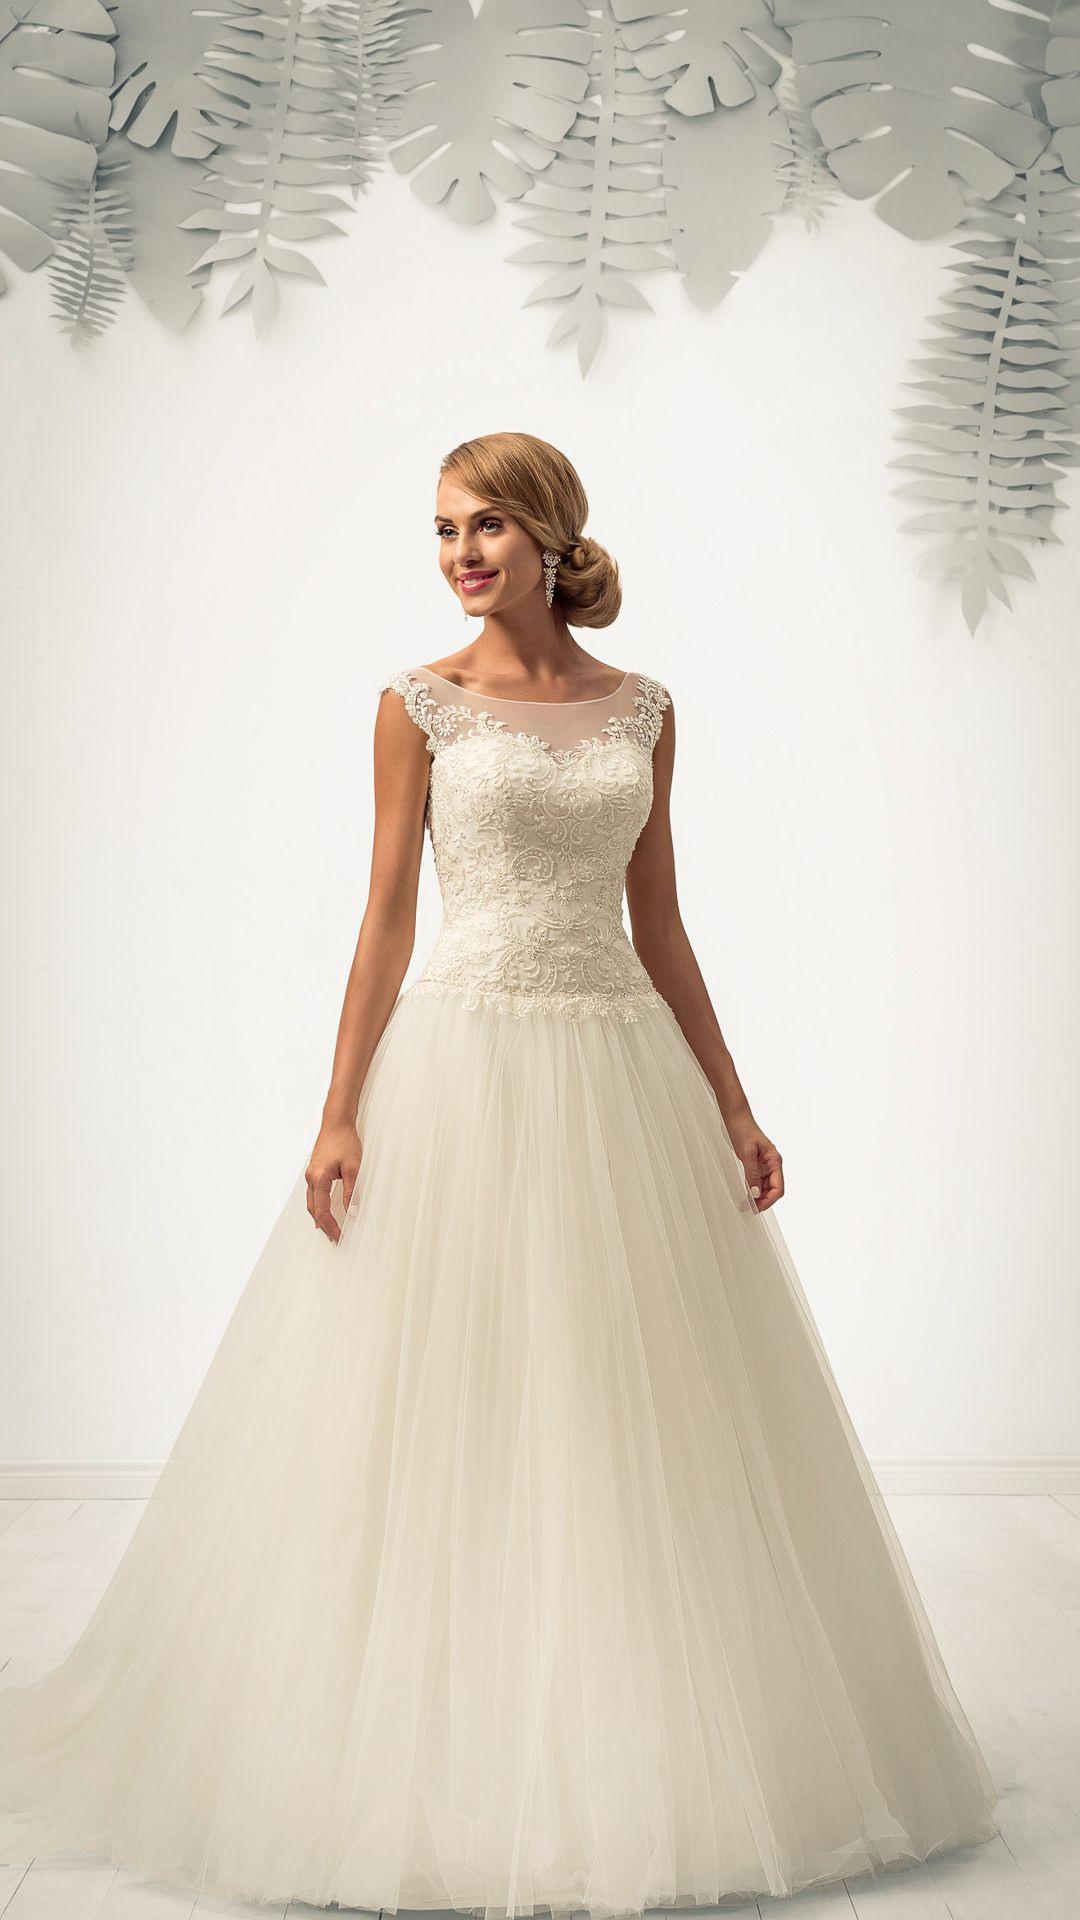 Hochzeitskleidmodedepolelizabethmodell3382T